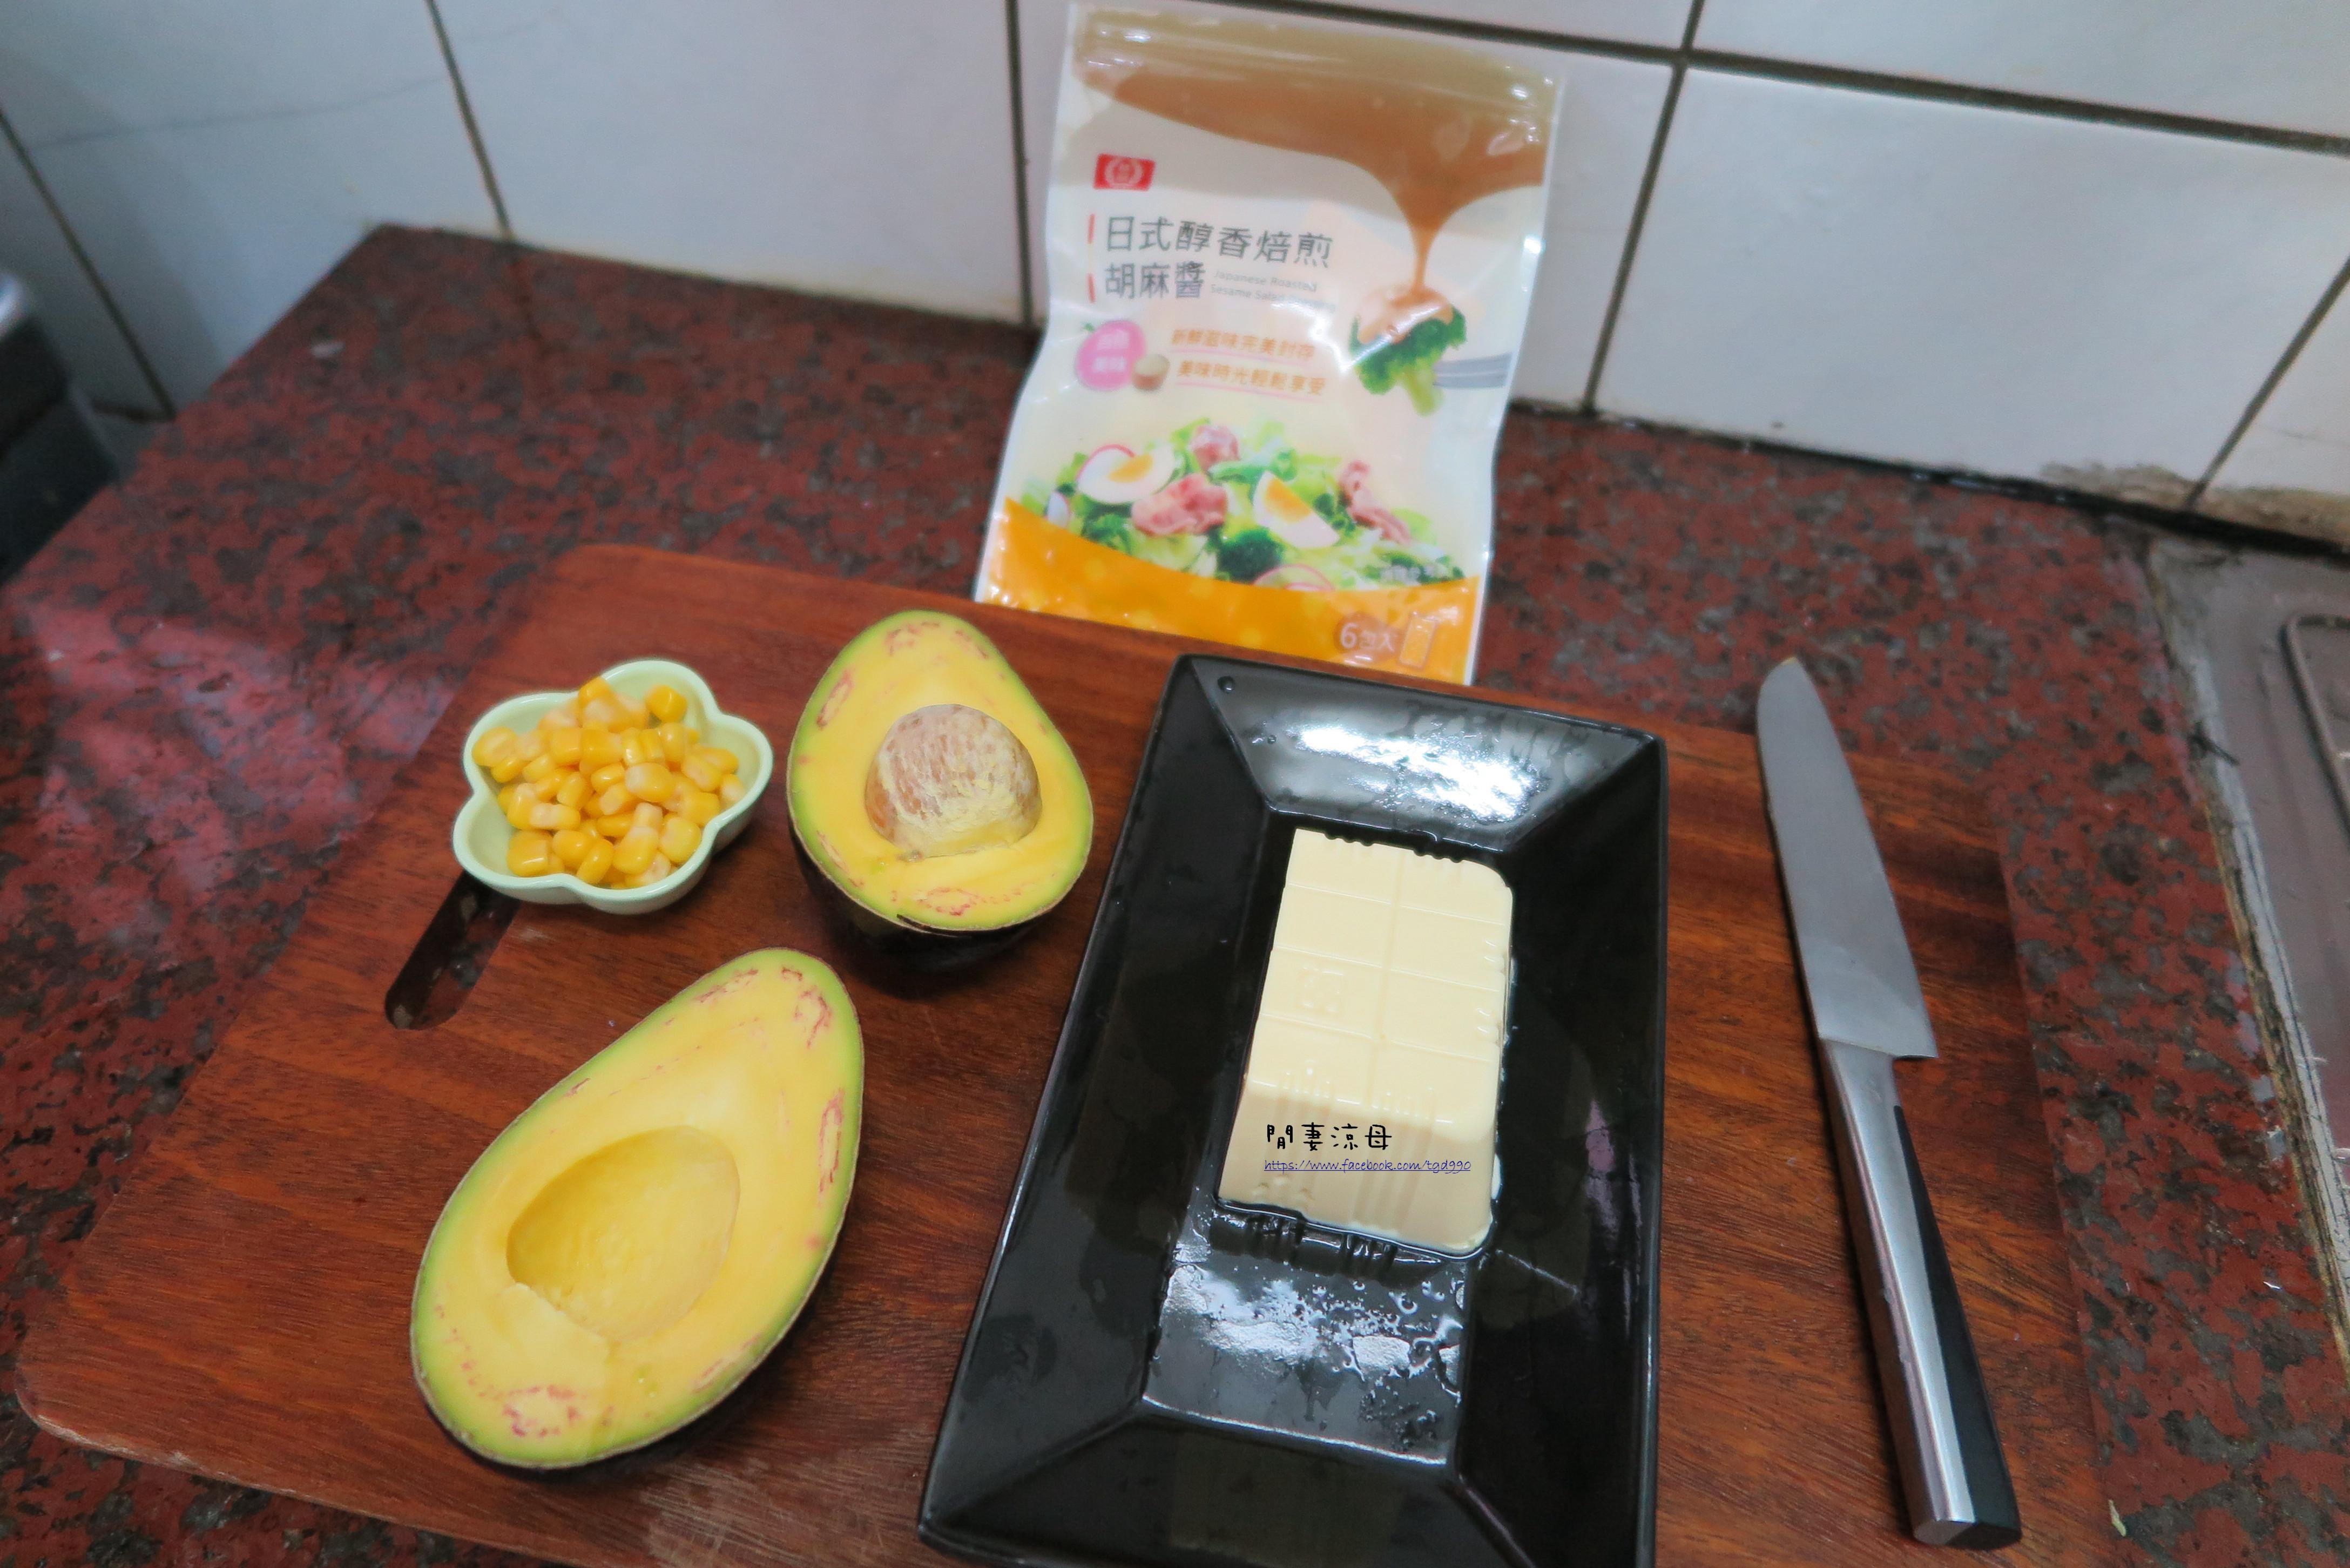 家庭必備之炎夏涼爽就醬拌-桂冠風味沙拉的第 2 張圖片